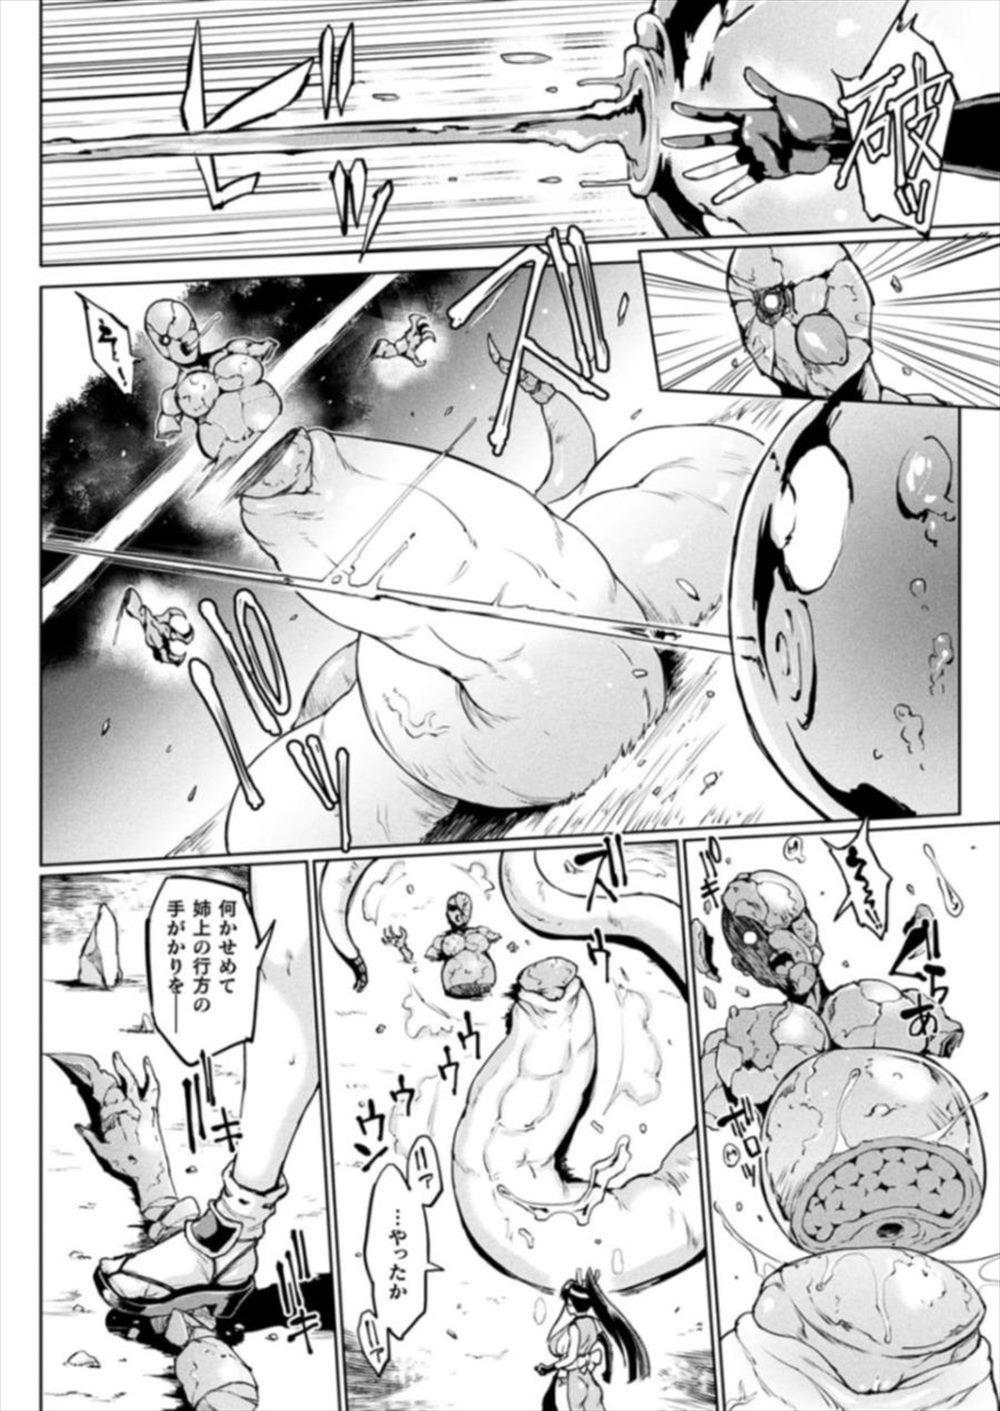 【エロ漫画】退魔師の女が異種姦レイプ…石に換えられながら種付産卵…【煌野一人:マンイーターペトリファイ】